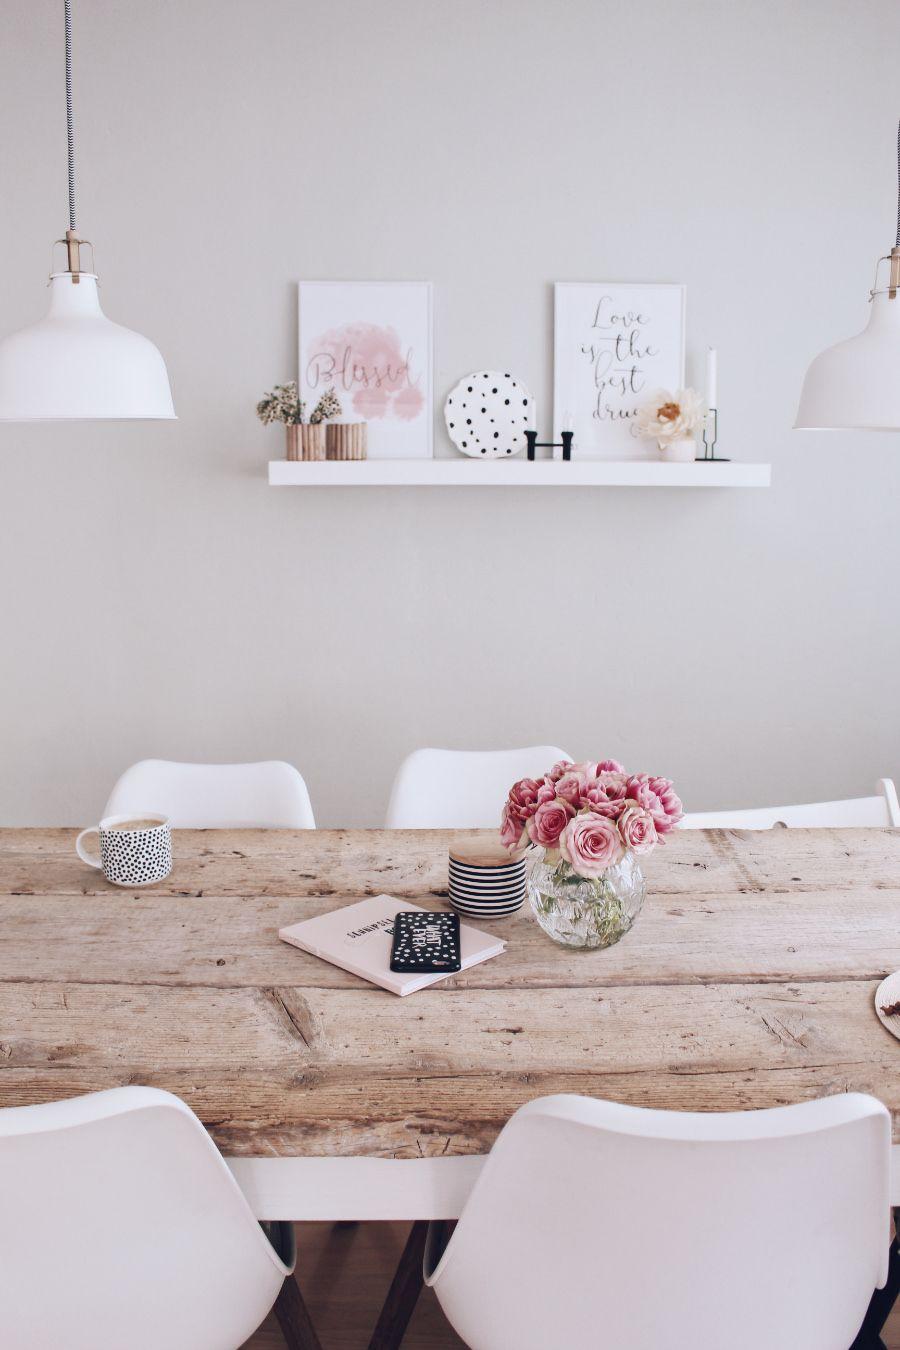 Tolle Diy Projekte Zum Nachmachen Und Ein Neues Regal Im Esszimmer Raumideen Diy Zimmerdekoration Ideen Zum Selbermachen Fur Zu Hause